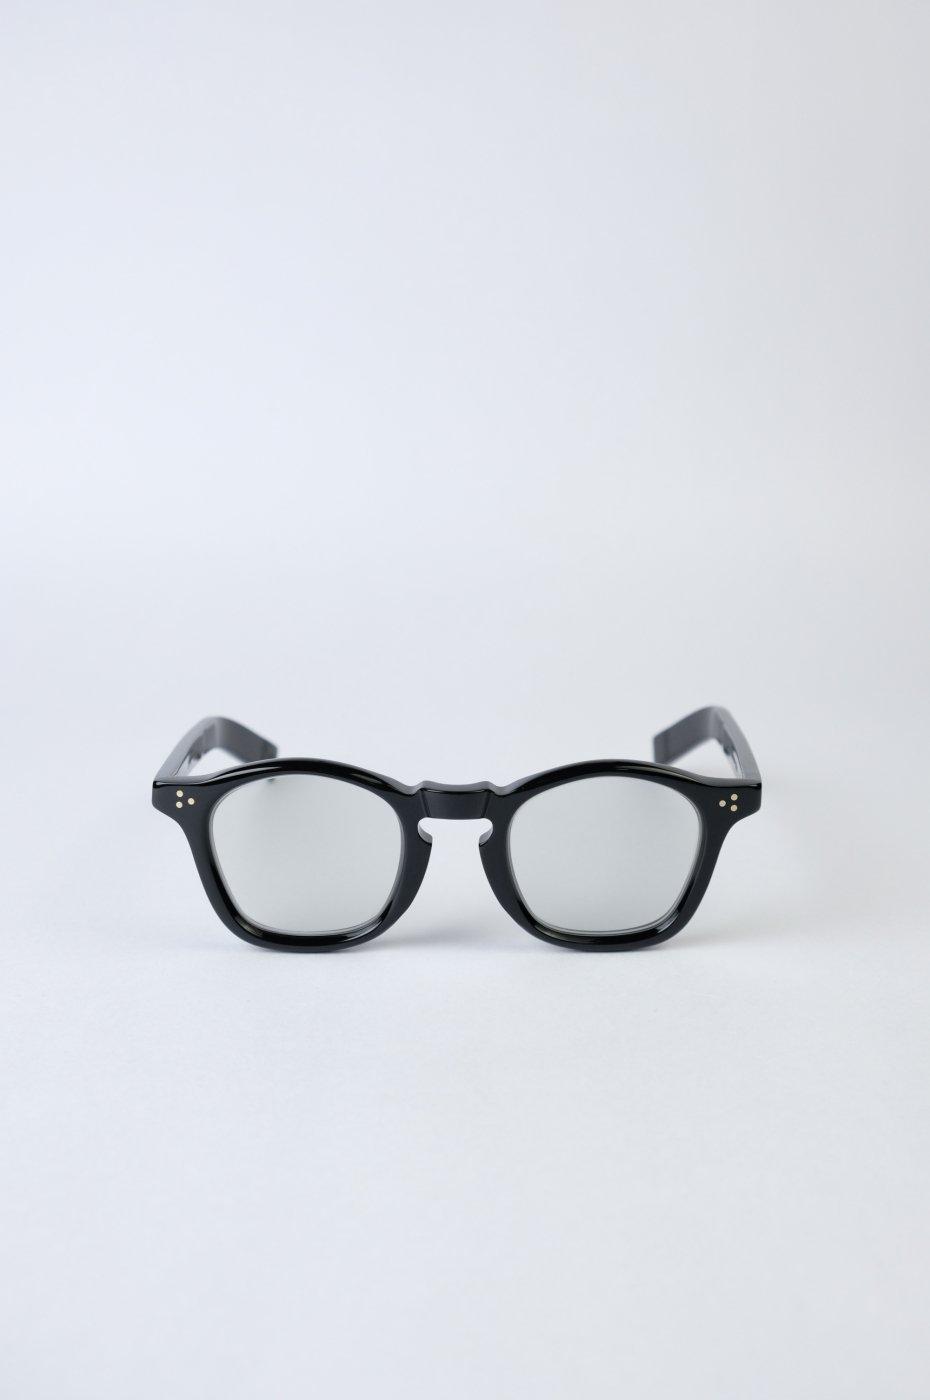 guépard ギュパール-gp-05-Noir-Green Lens-